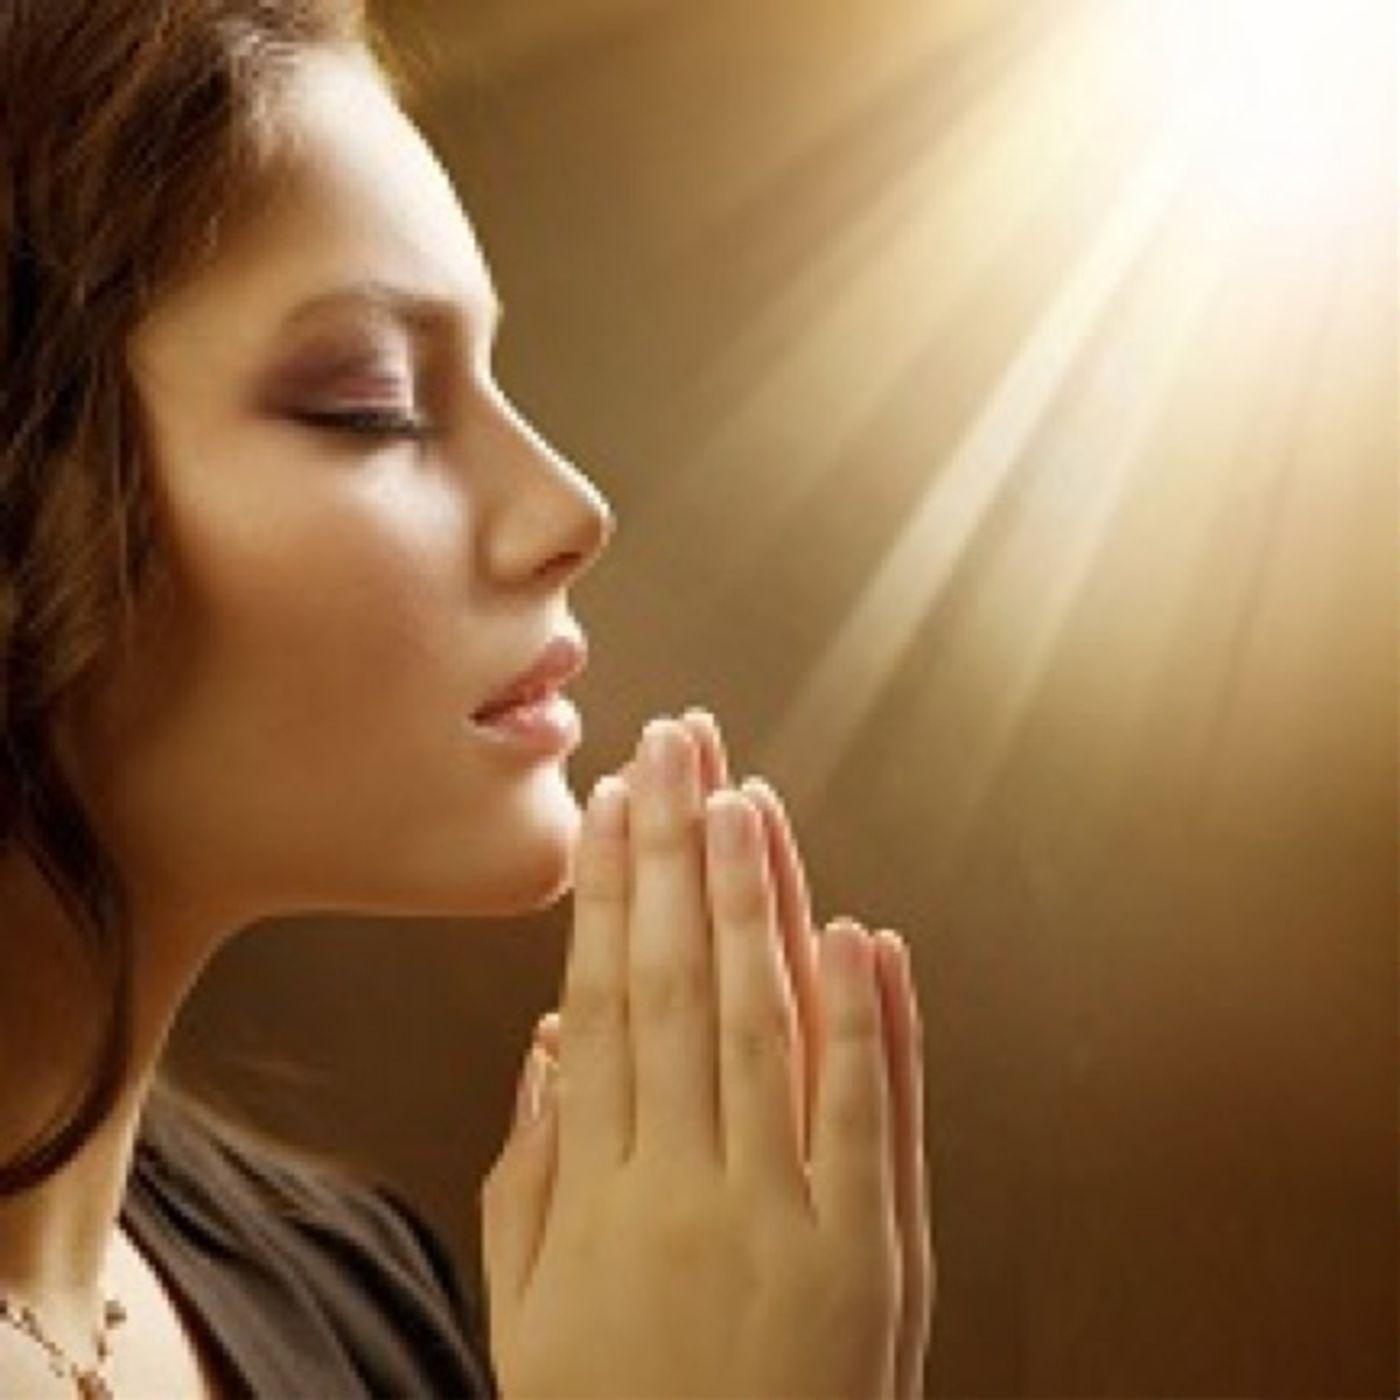 Consigli per progredire verso la perfezione Cristiana